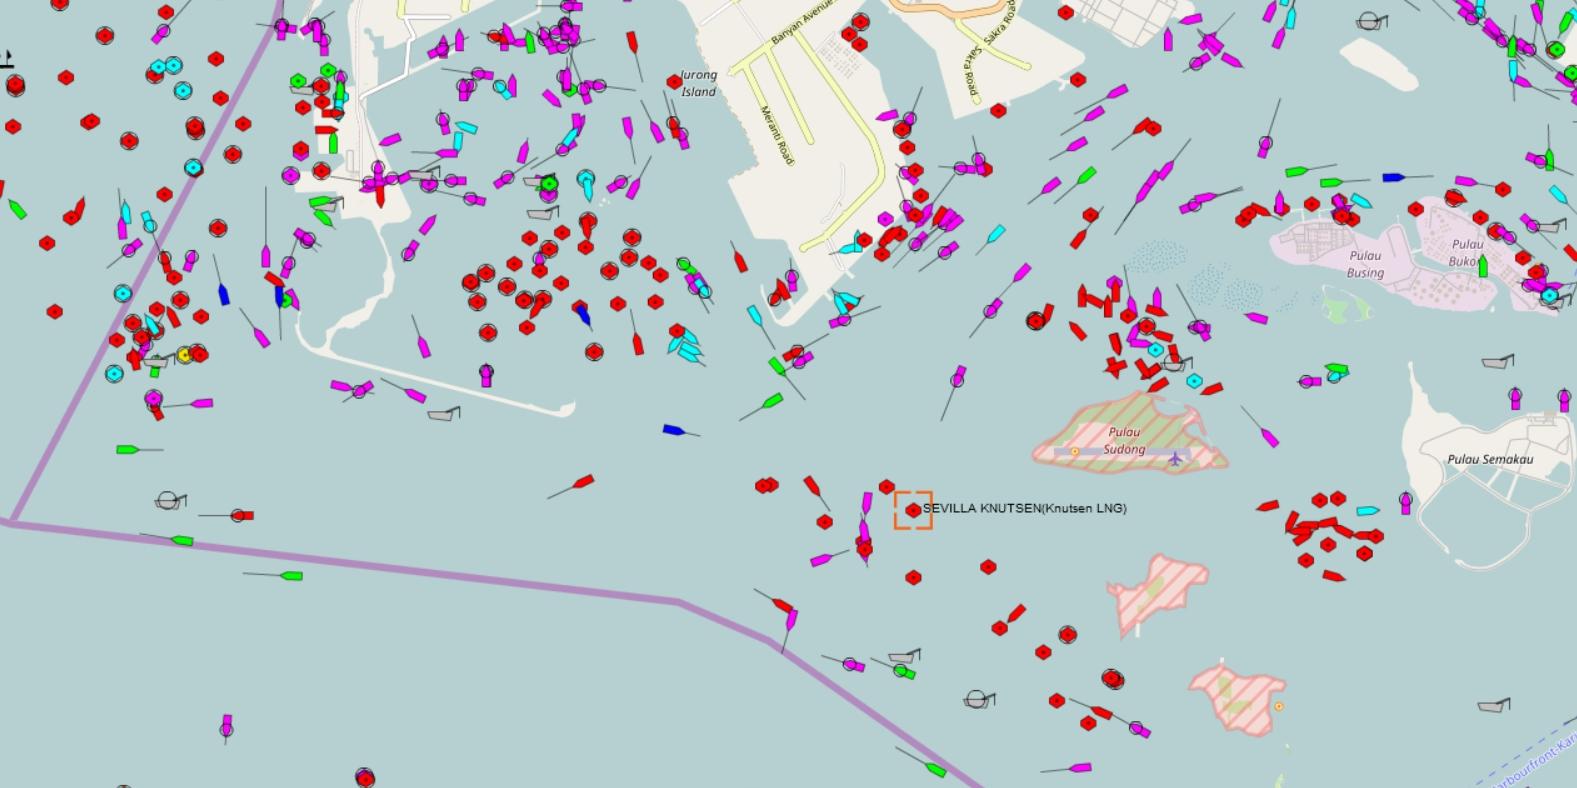 """Así está el puerto de Singapur. En recuadro rojo, el punto donde se encuentra el buque """"Sevilla Knutsen"""""""